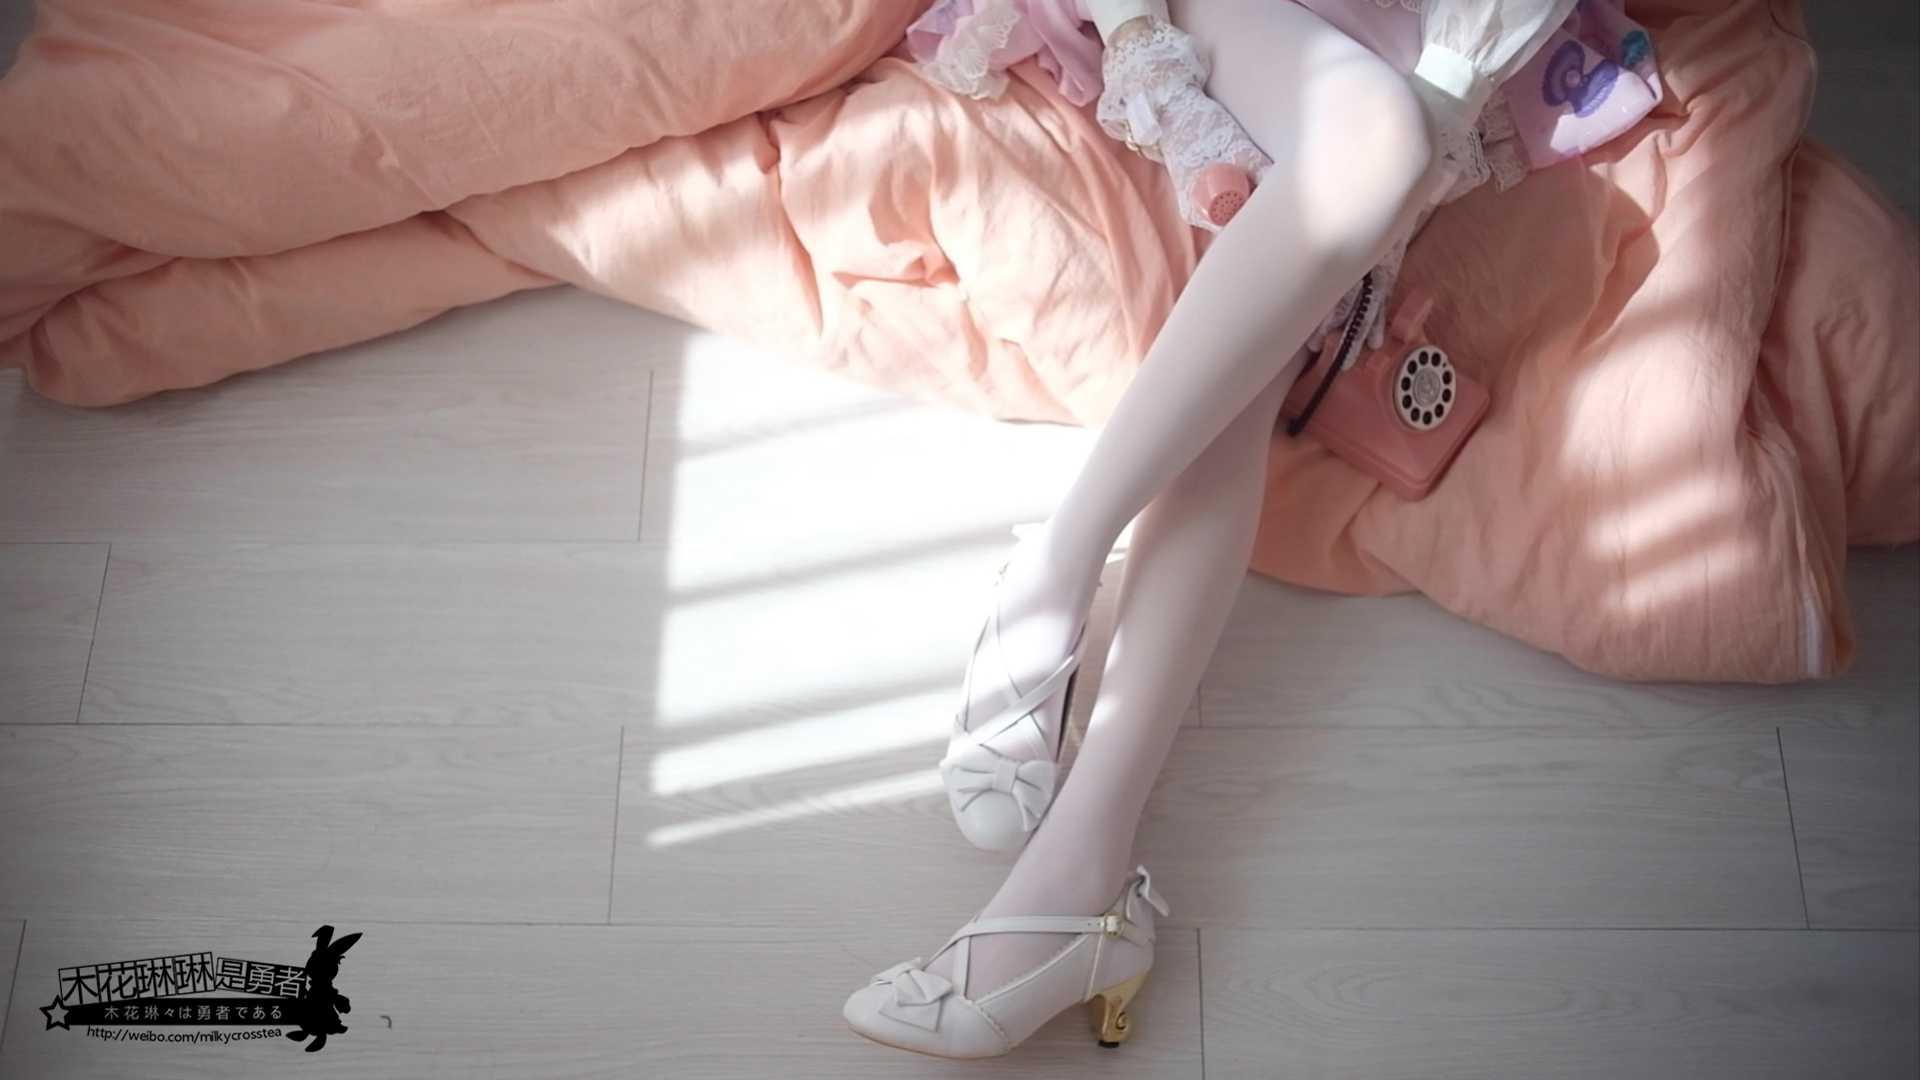 ⭐微博红人⭐木花琳琳是勇者@coser图片-勇者系列03【27P/3V/330MB】插图